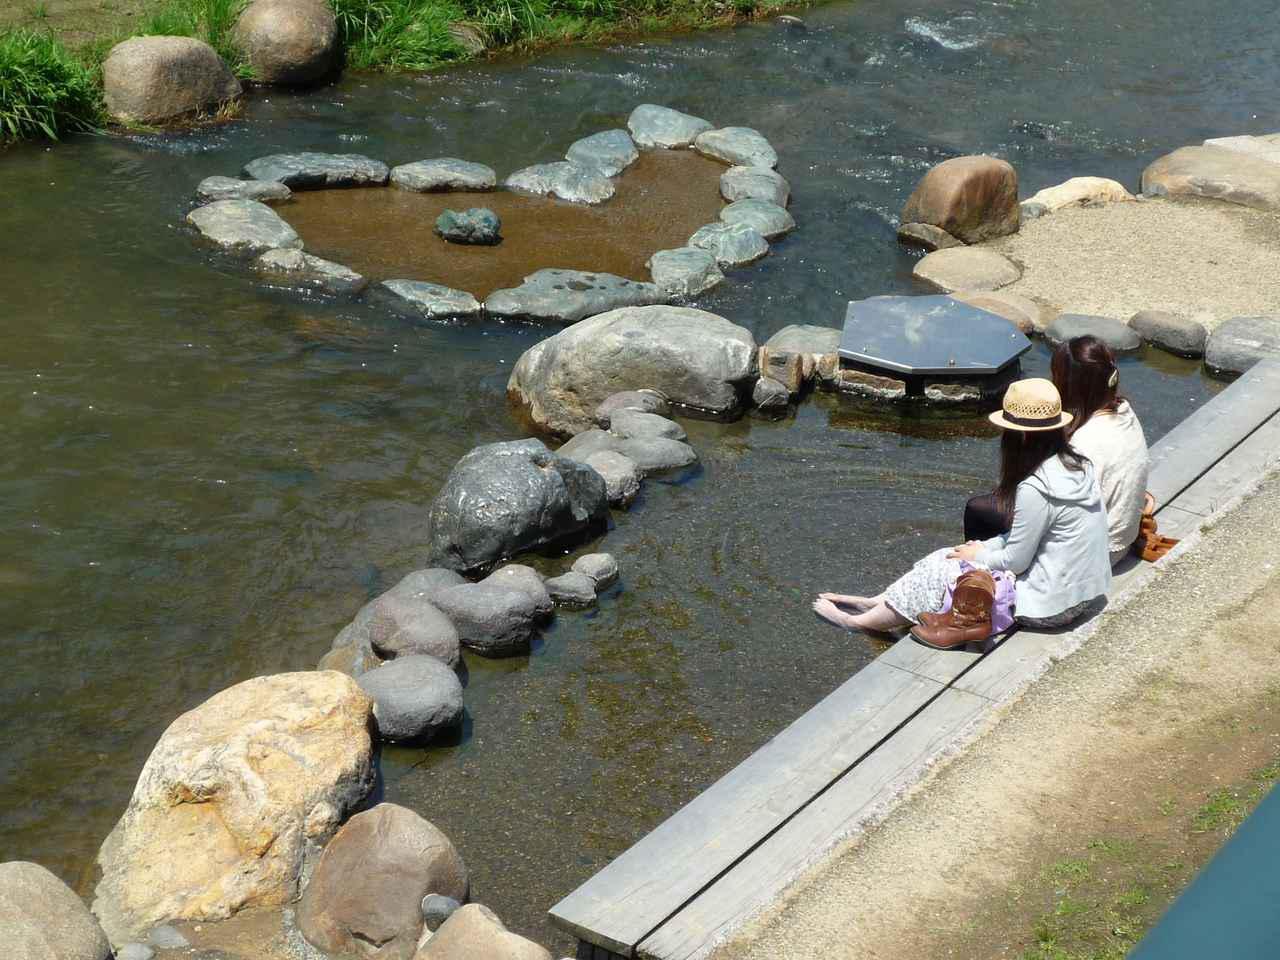 画像: おすすめスポット2【島根県】 玉造温泉(たまつくりおんせん)